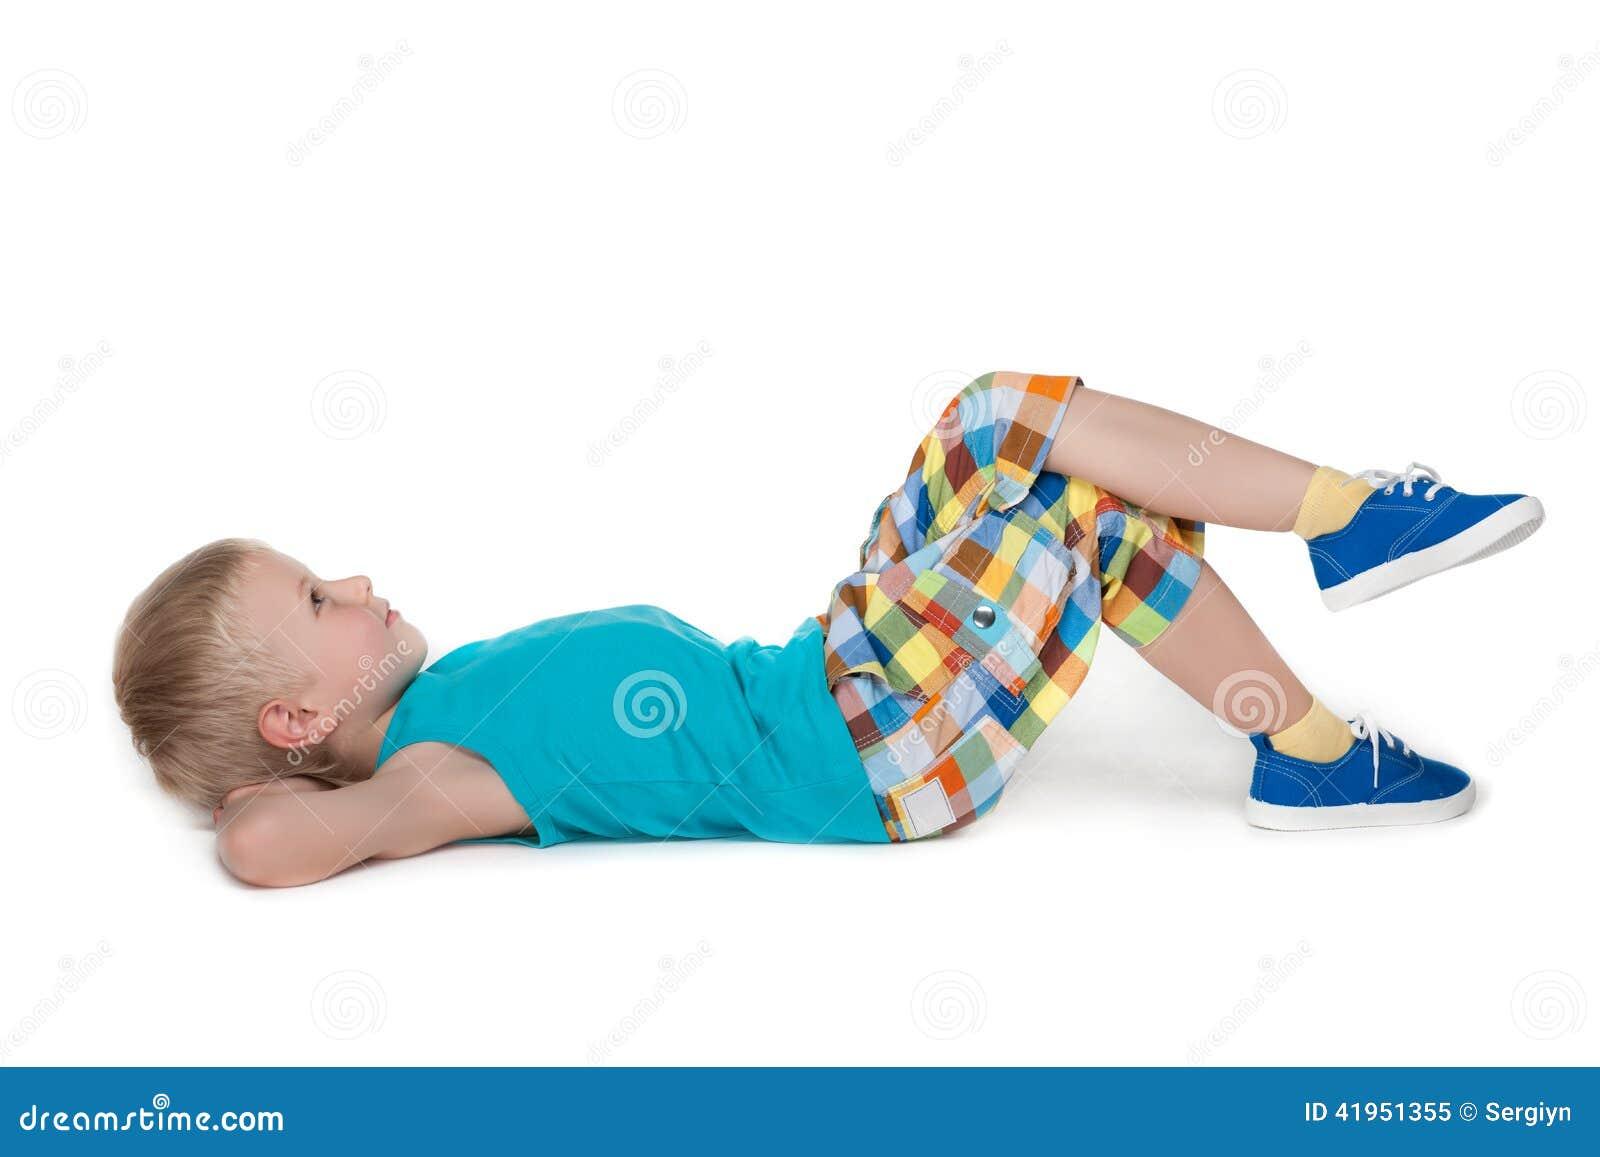 Zadumany chłopiec odpoczywać